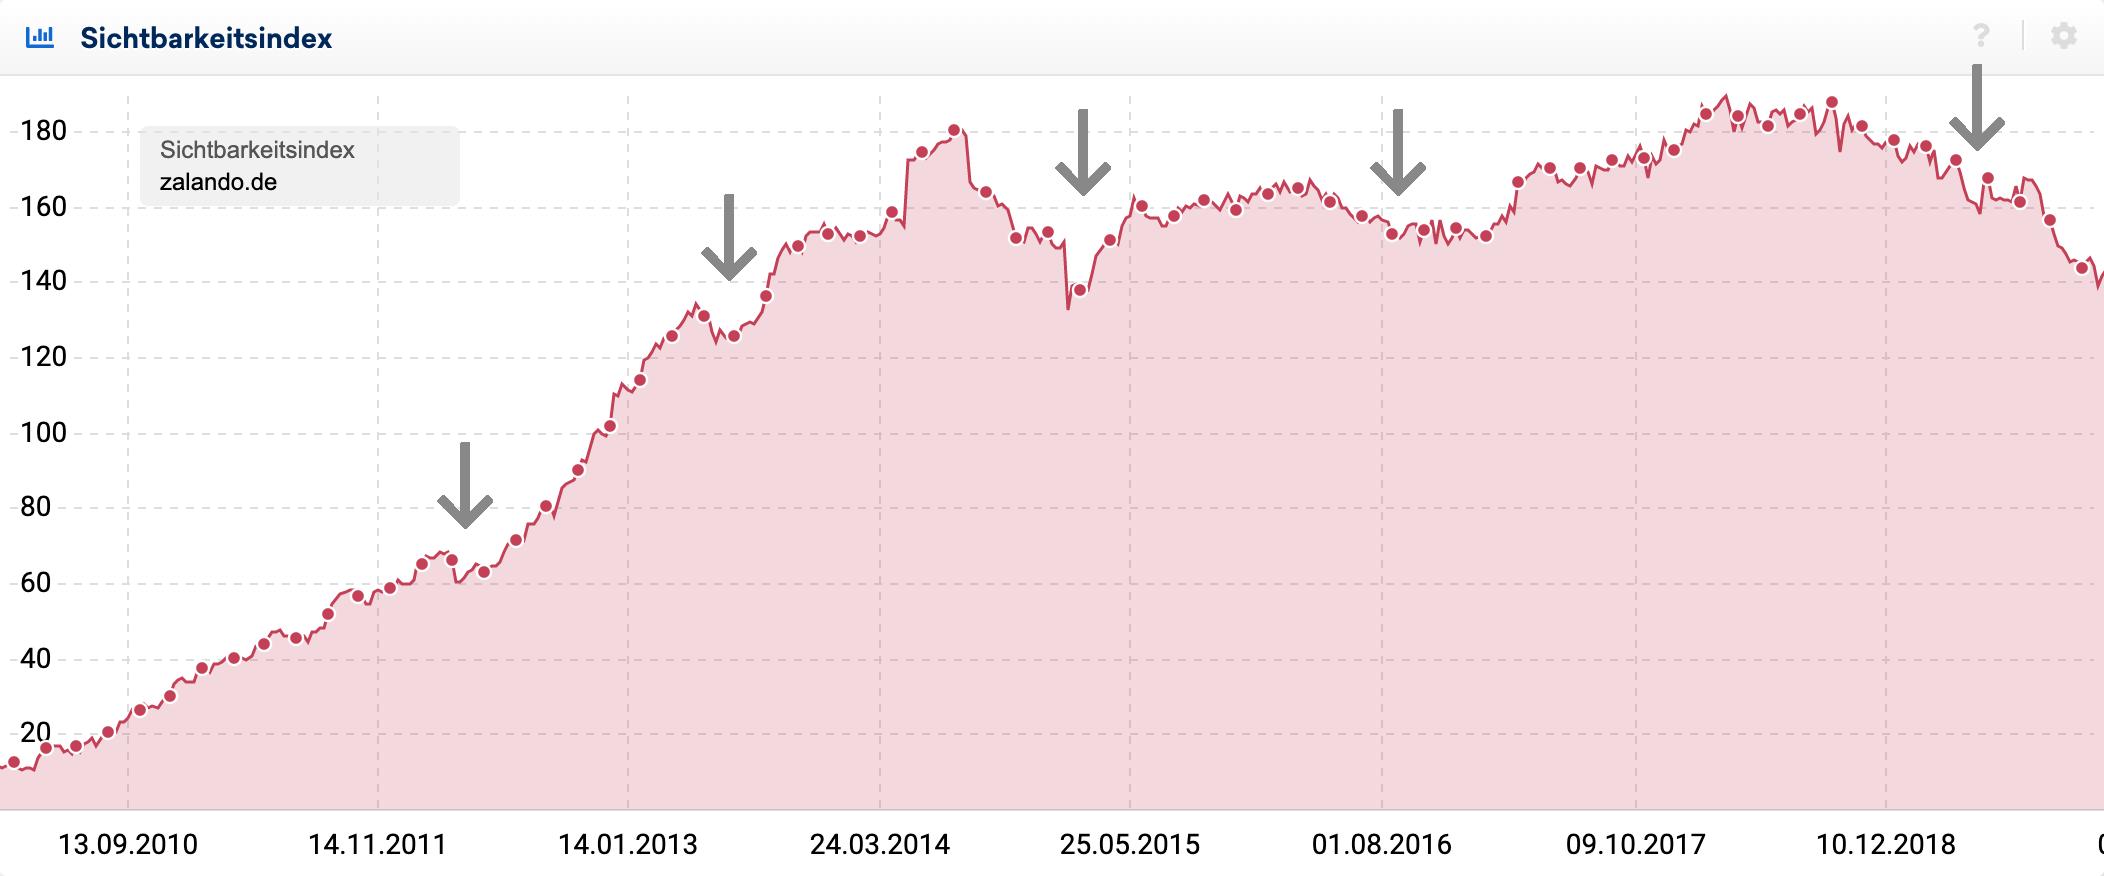 Sichtbarkeitsverlauf für die Domain zalando.de seit 2008. Es gibt einen globalen Aufwärtstrend seit anbeginn, der immer mal wieder von kurzen Rückgängen geprägt wird.